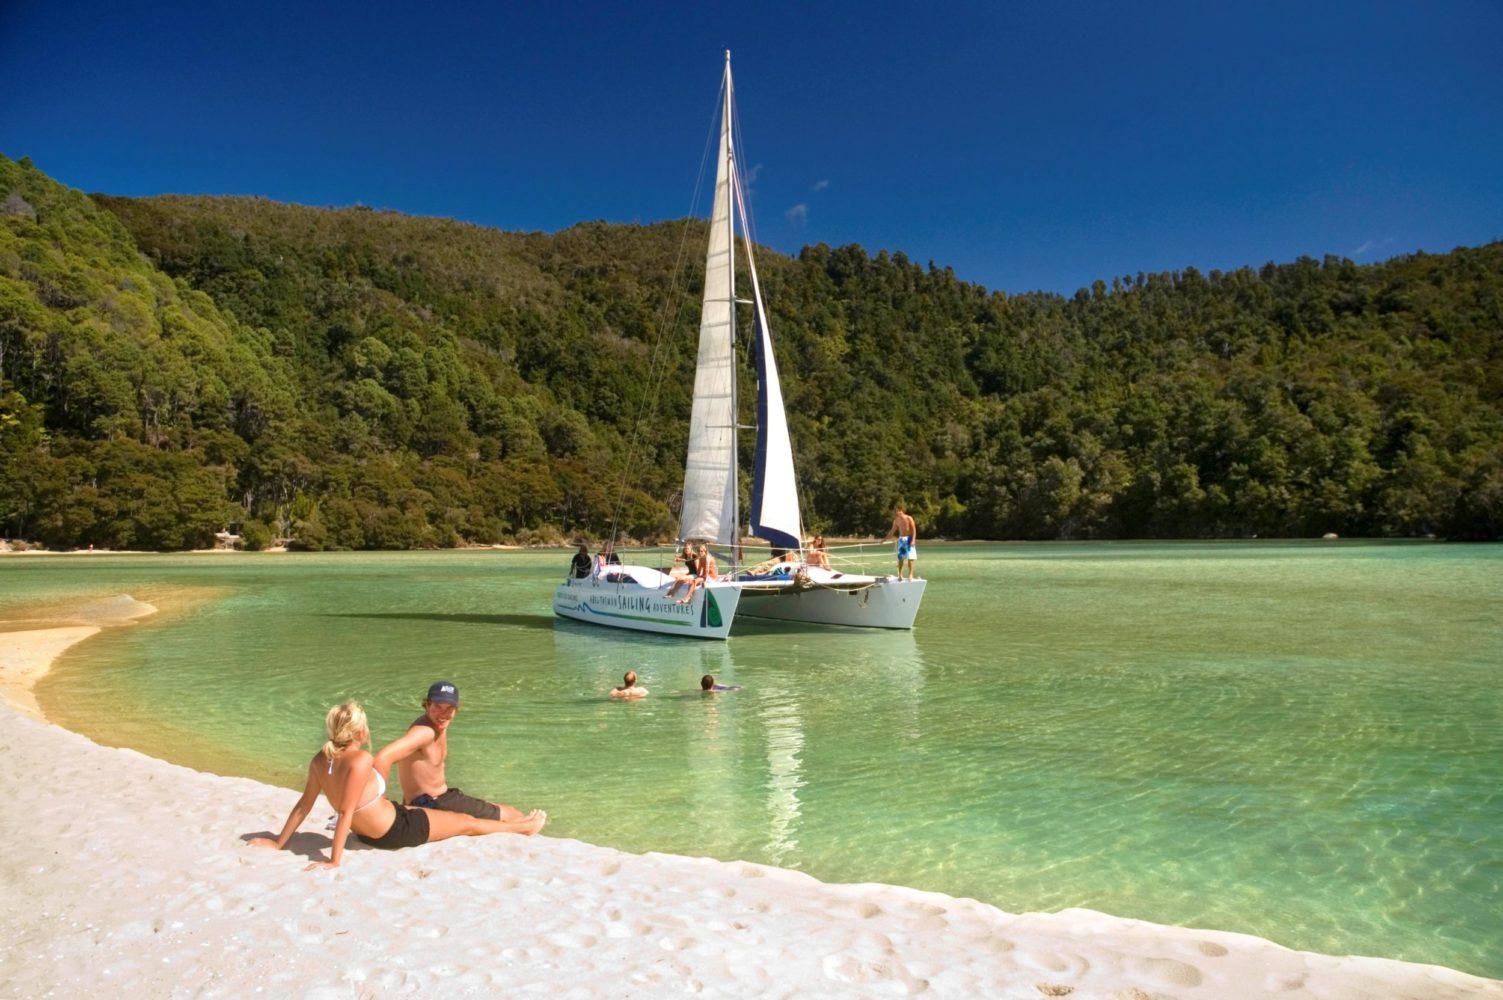 Full Day Sailing Tour in Abel Tasman National Park